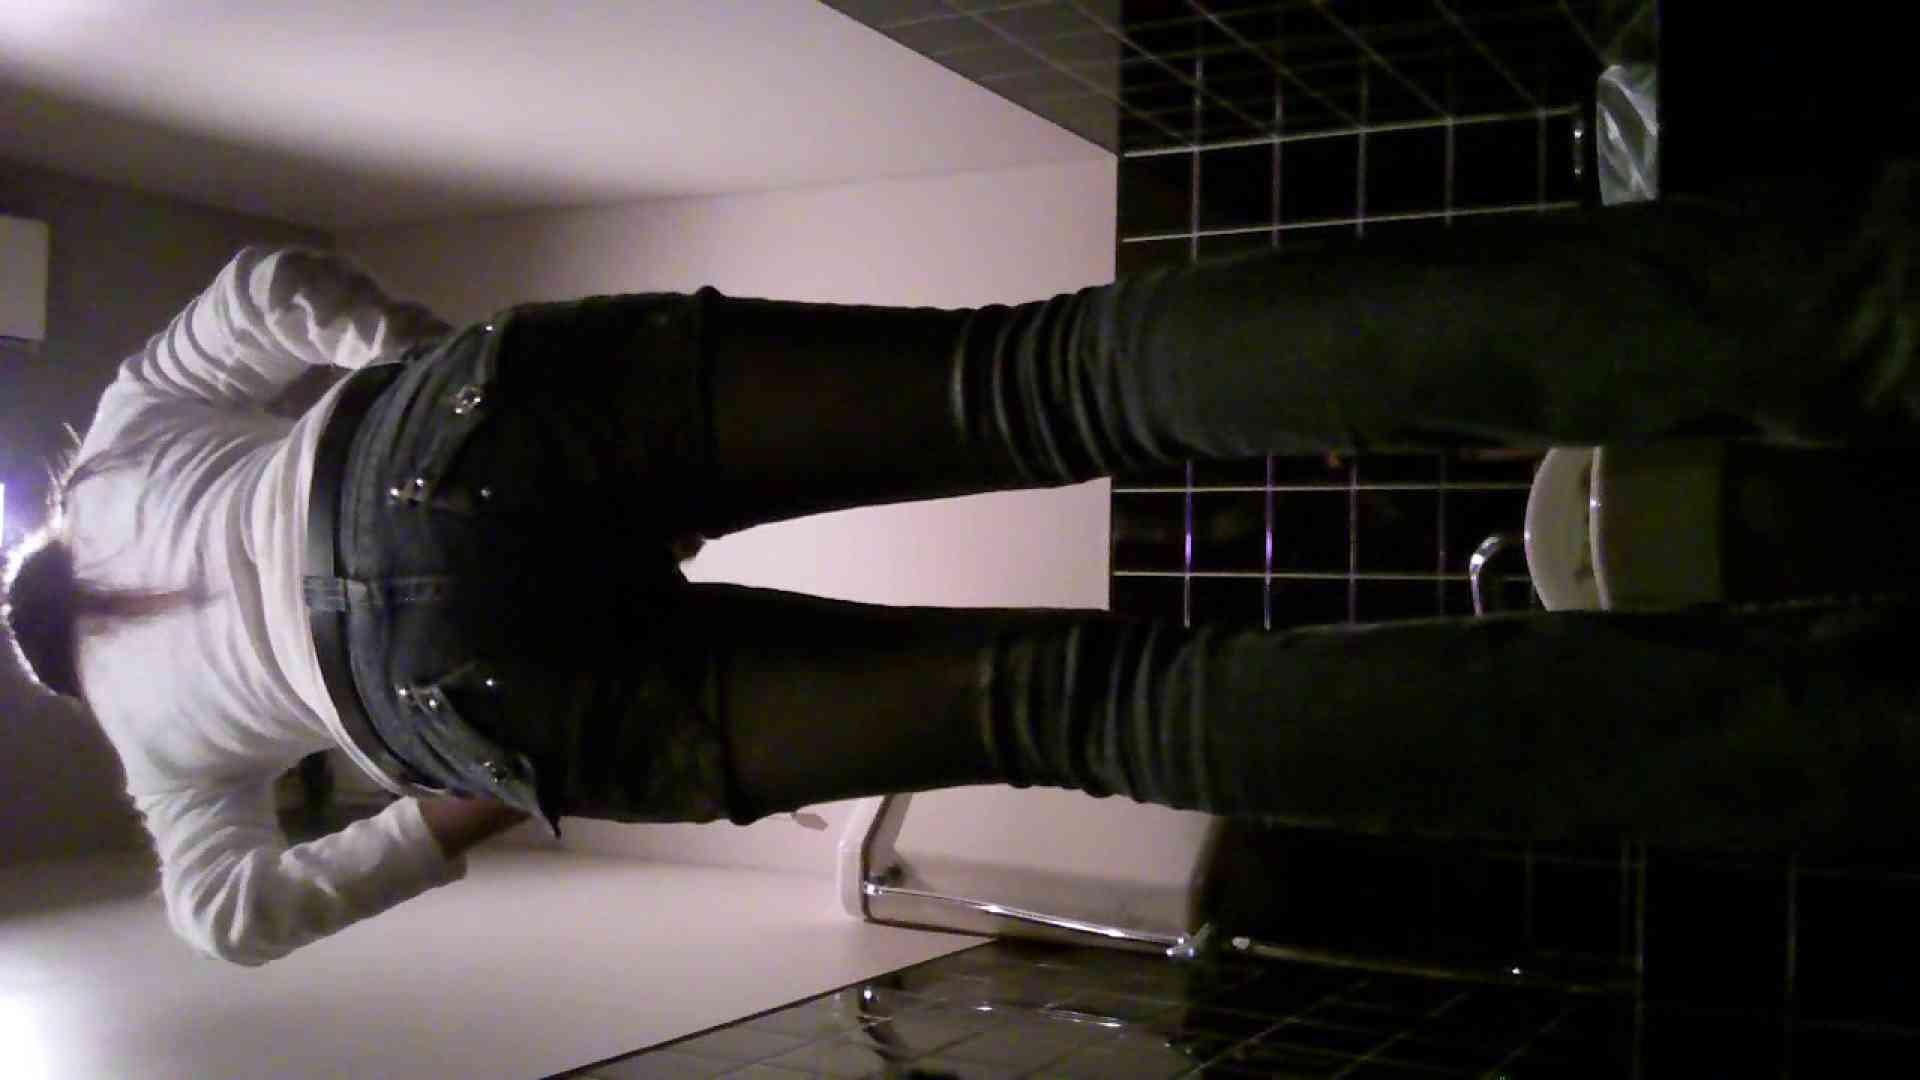 美女の集まる飲み屋洗面所 vol.01 美女 のぞき動画画像 104連発 75